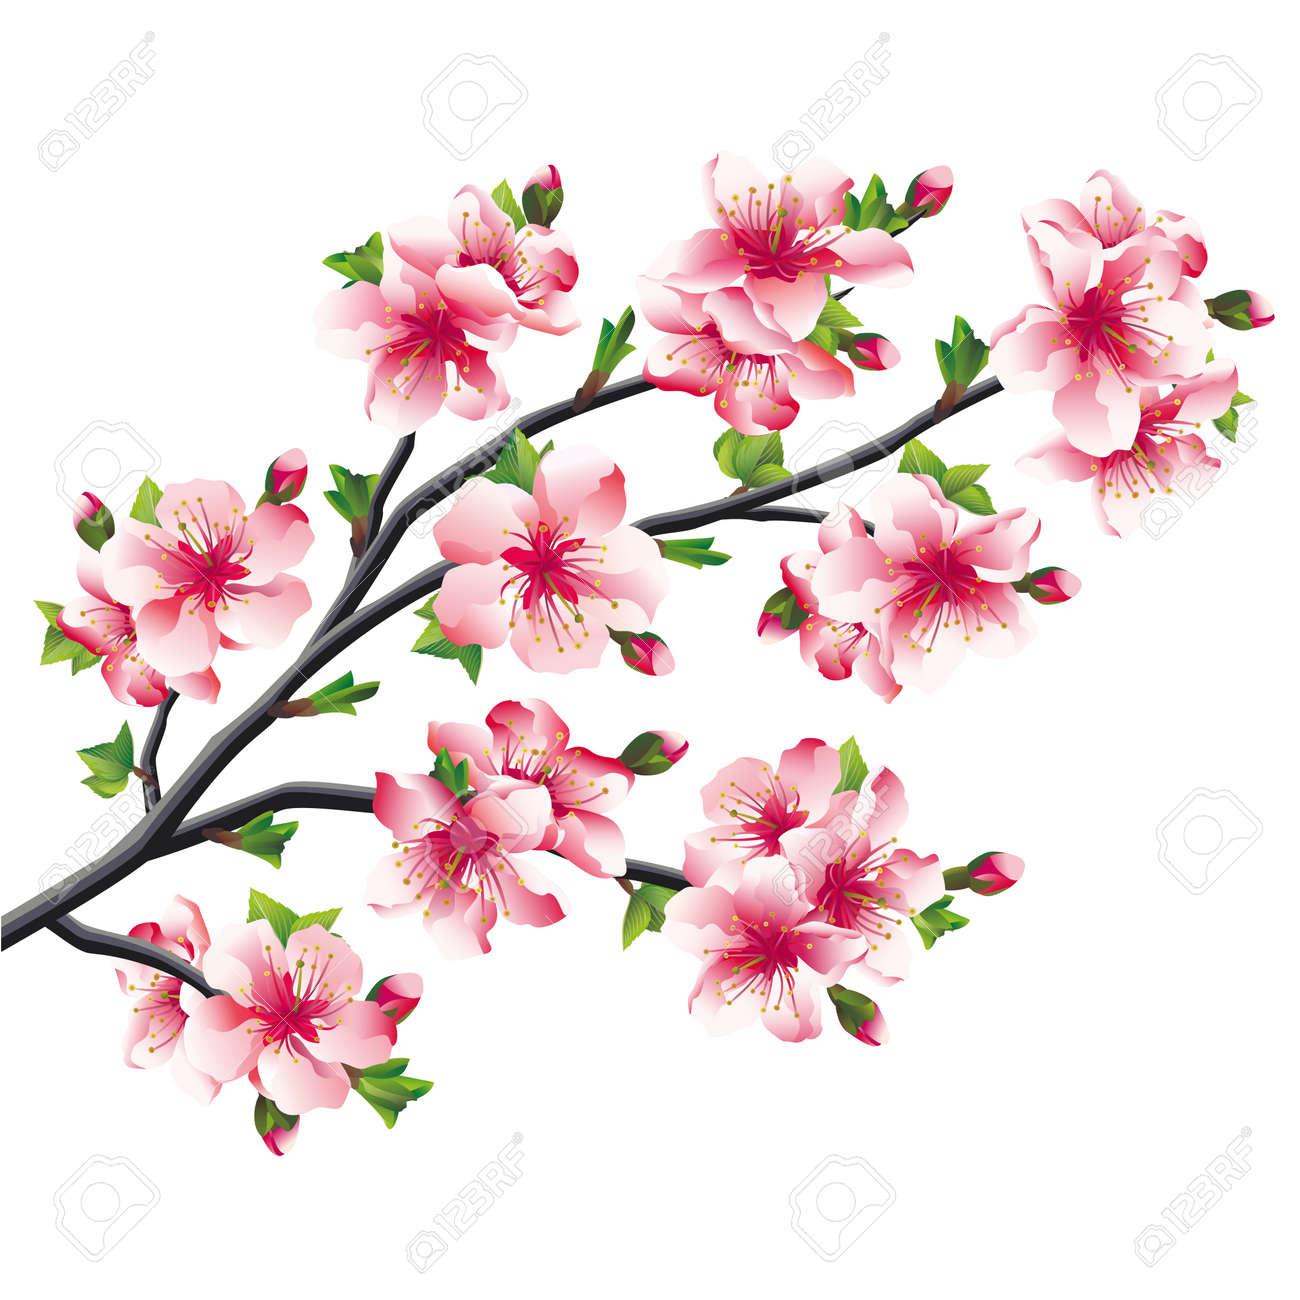 Rose Des Fleurs De Cerisier Branche Sakura Japonais D Arbre Isole